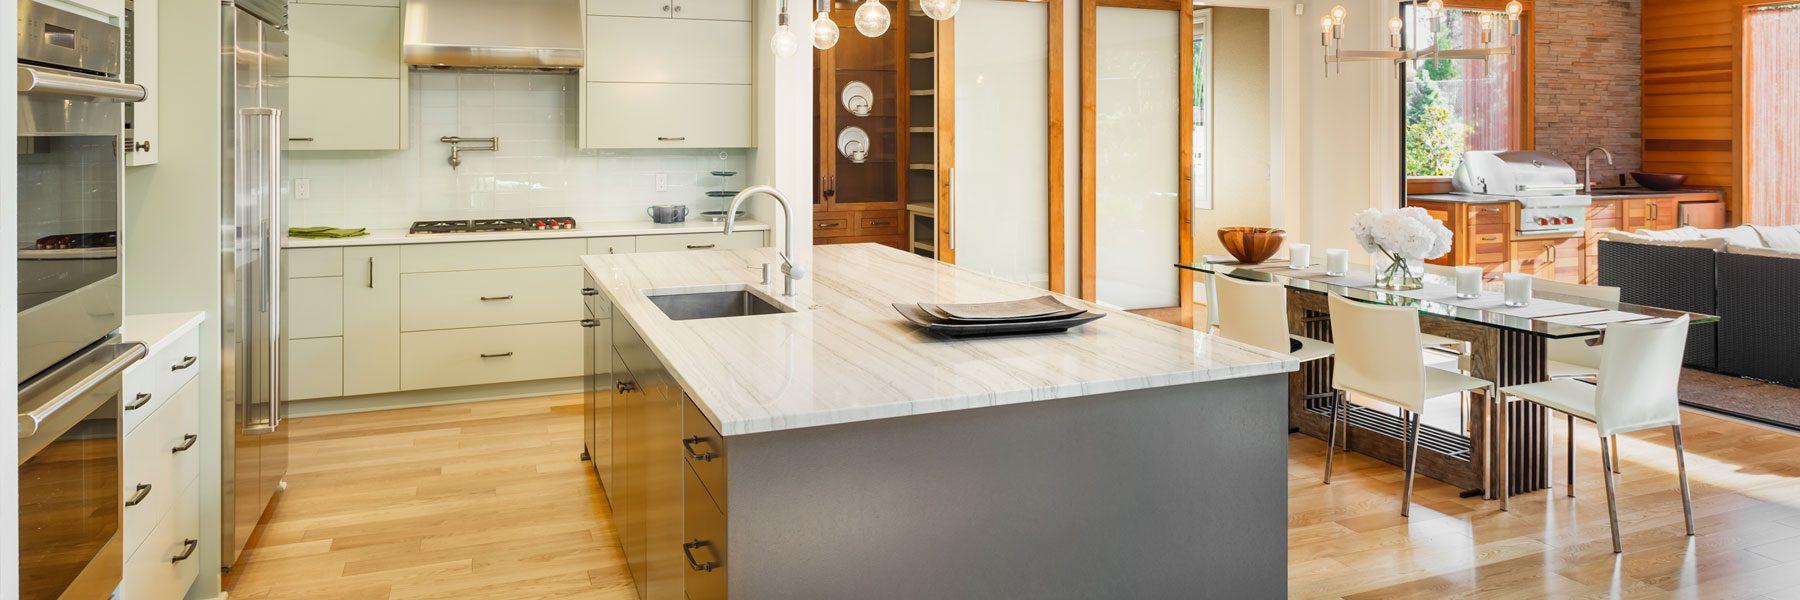 kitchen-slider